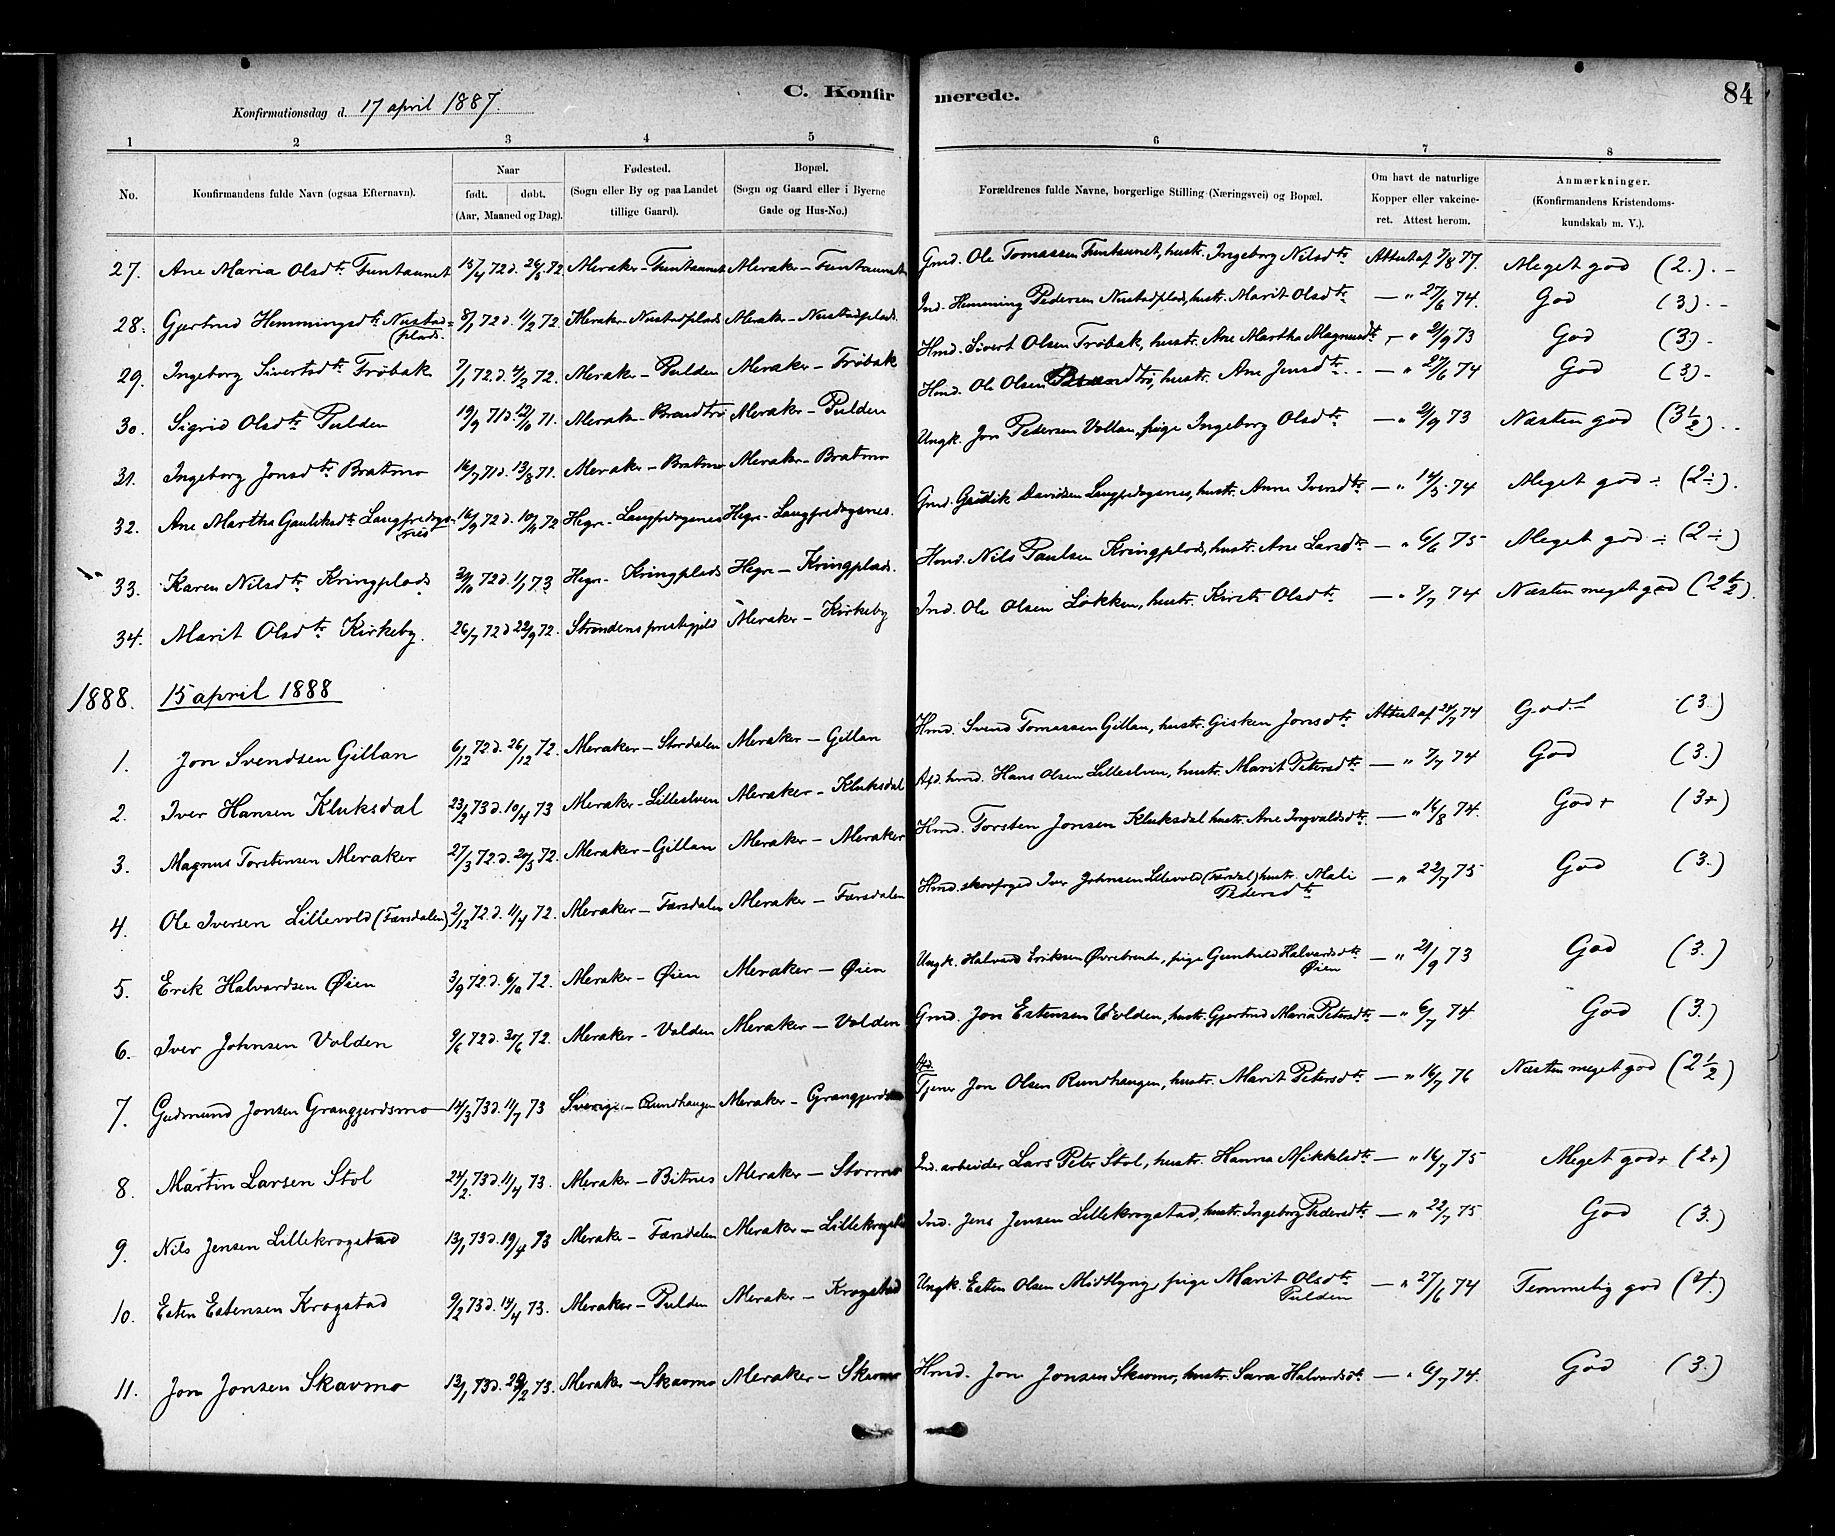 SAT, Ministerialprotokoller, klokkerbøker og fødselsregistre - Nord-Trøndelag, 706/L0047: Ministerialbok nr. 706A03, 1878-1892, s. 84